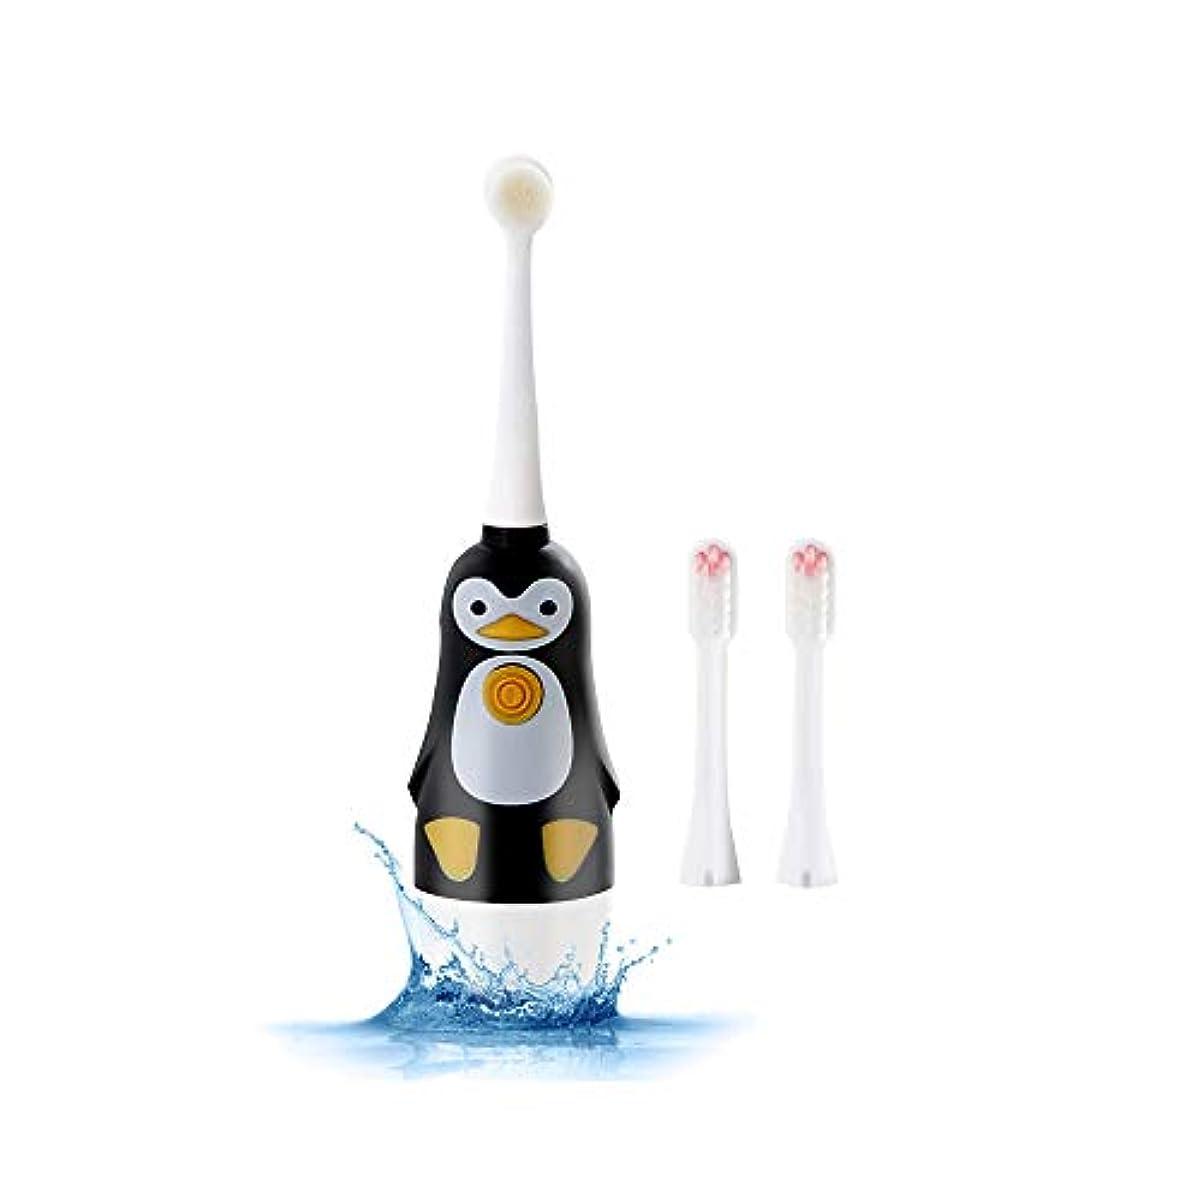 普及統計的うまくやる()MTao 子供用電動歯ブラシ 子ども用歯ブラシ 防水 音波歯ブラシ 替えブラシ2本 可愛いデザイン ポータブル 1回充電30日用 振動18000回/分 乾電池式(電池なし) 丈夫 3-12歳に適用 やわらかめ (ブラック)